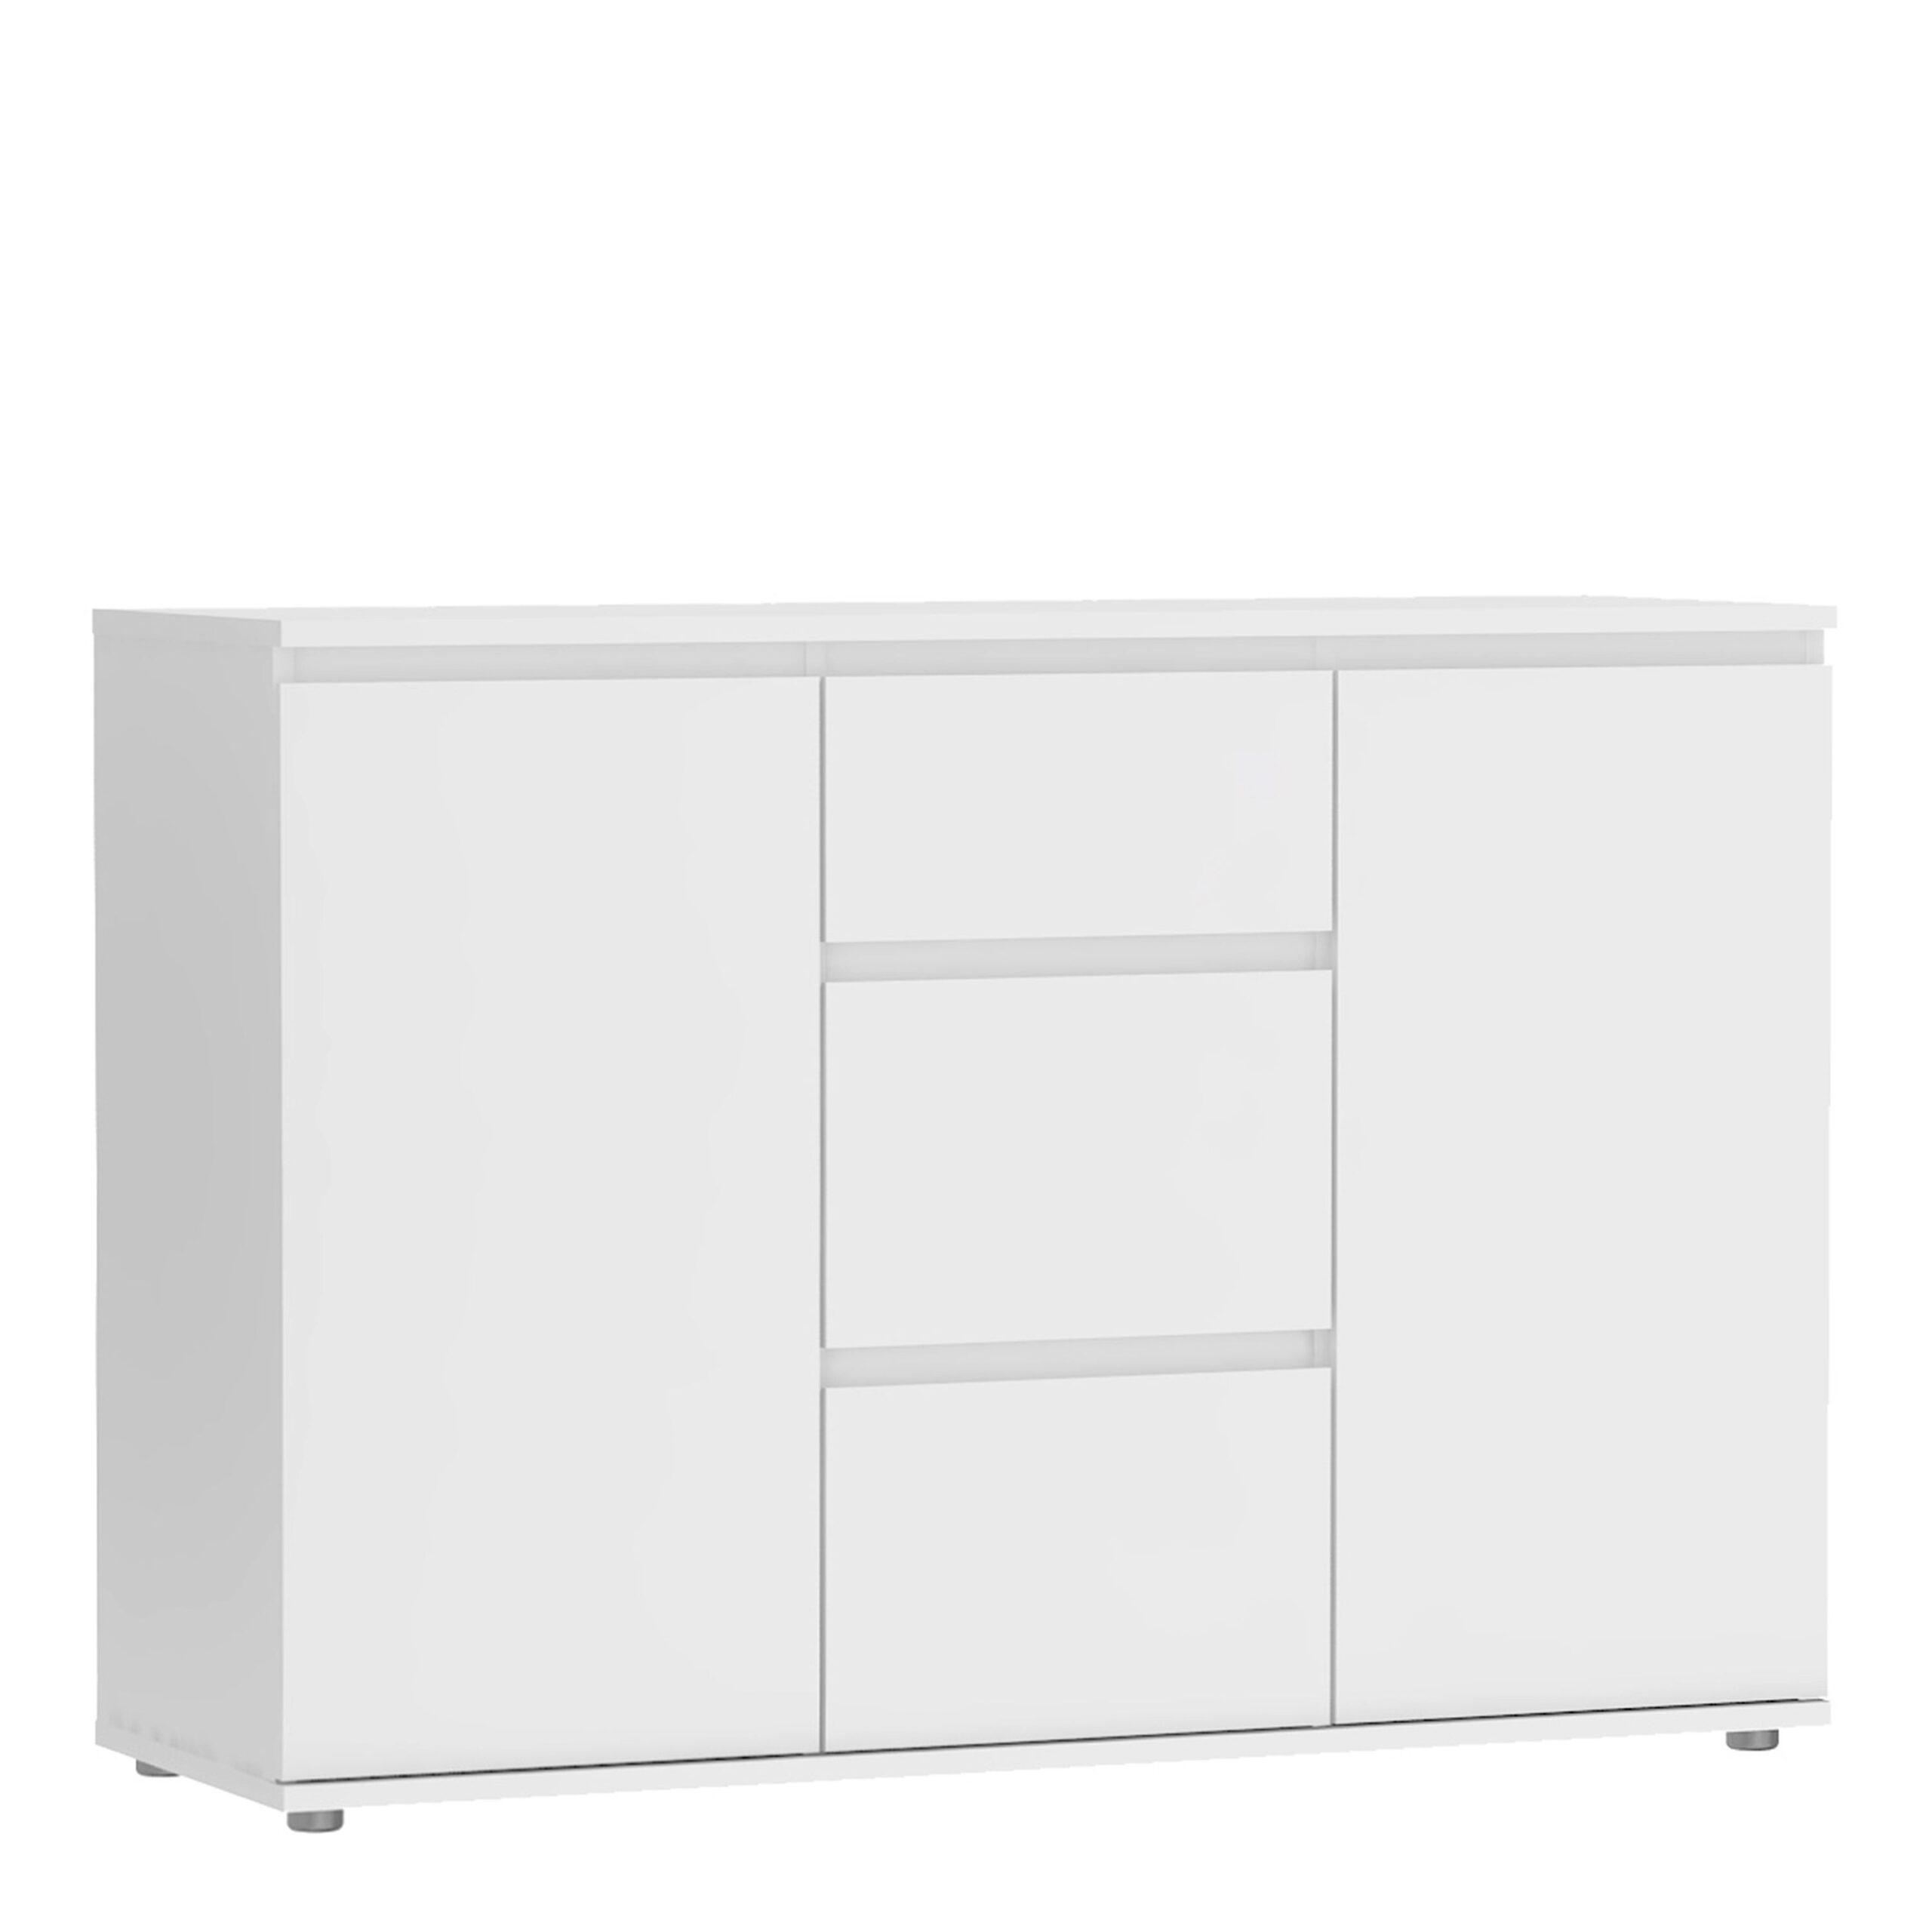 Soyo Sideboard - 3 Drawers 2 Doors in White